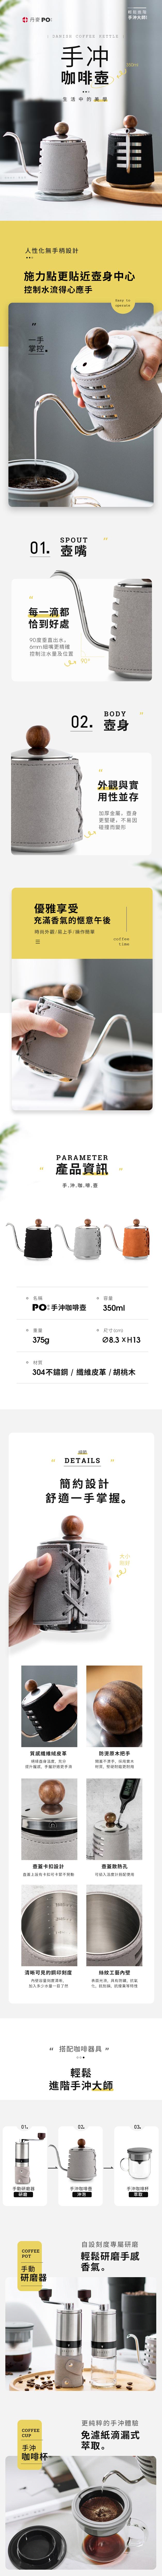 (複製)PO:Selected 丹麥手沖咖啡禮盒組(手動不鏽鋼咖啡磨2.0/咖啡玻璃杯240ml-黃)